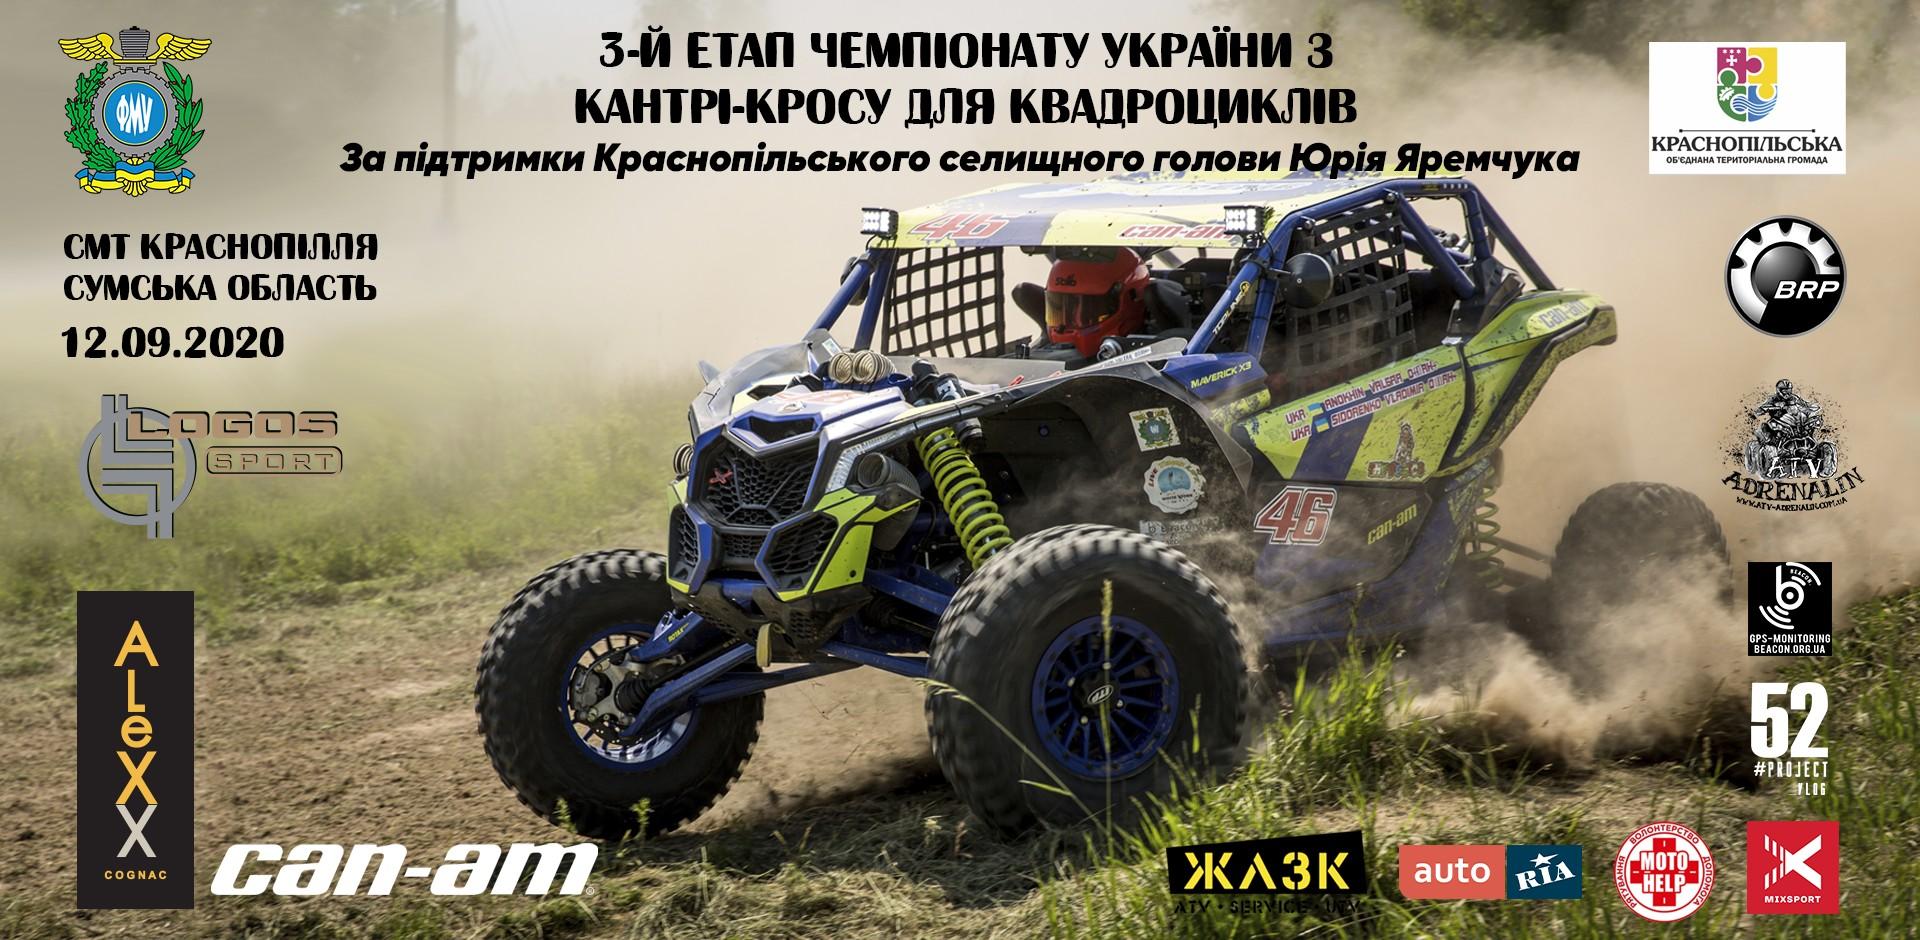 12.09 – стартує 3-й етап Чемпіонату України з Кантрі Кросу